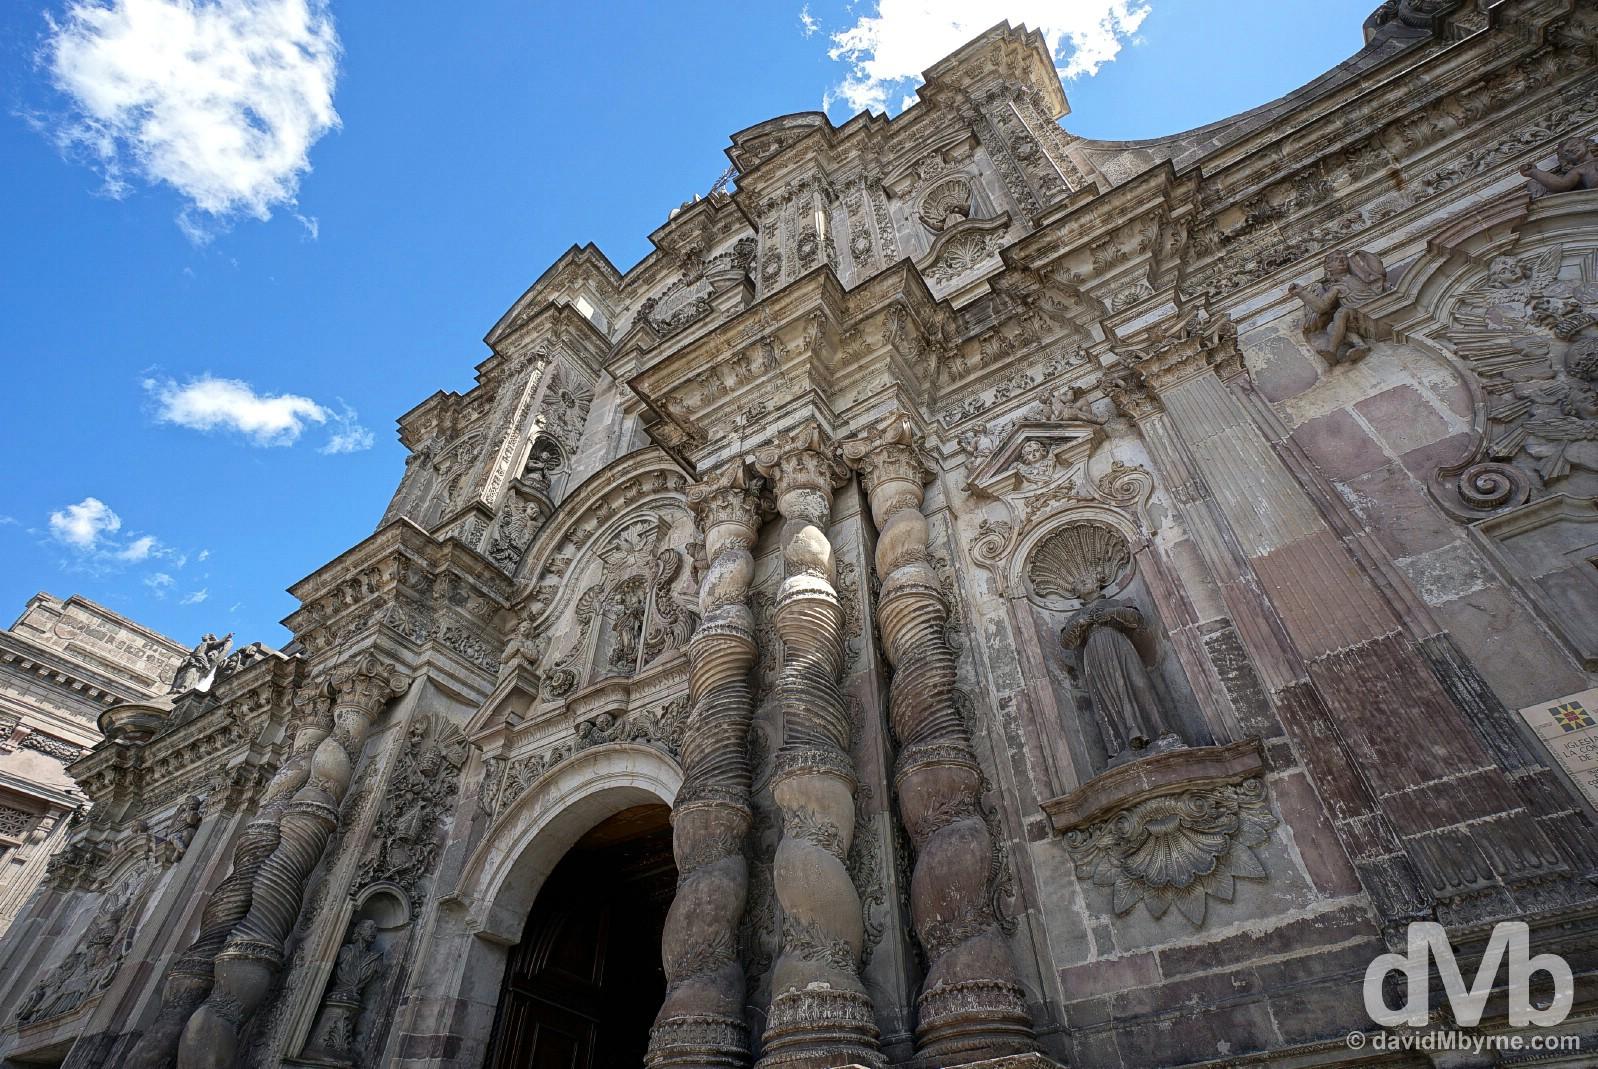 The facade of the baroque La Compania Church in Quito, Ecuador. July 4, 2015.